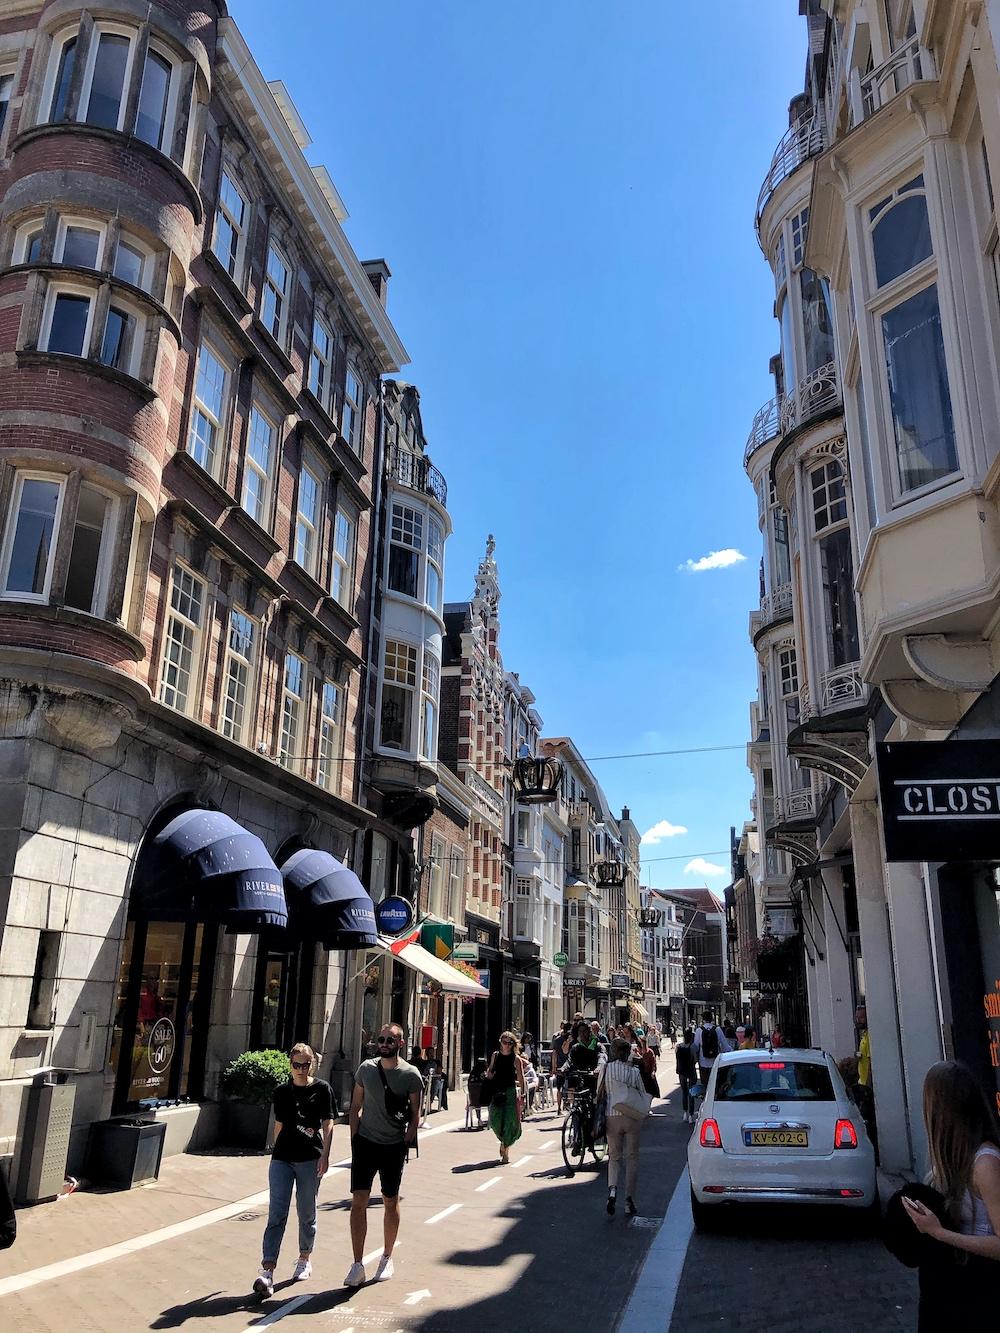 De leukste winkelstraat Noordeinde in Den Haag, is niet alleen vol met winkels en cafés, het is ook de plek waar het werkpaleis van onze koning is gevestigd.